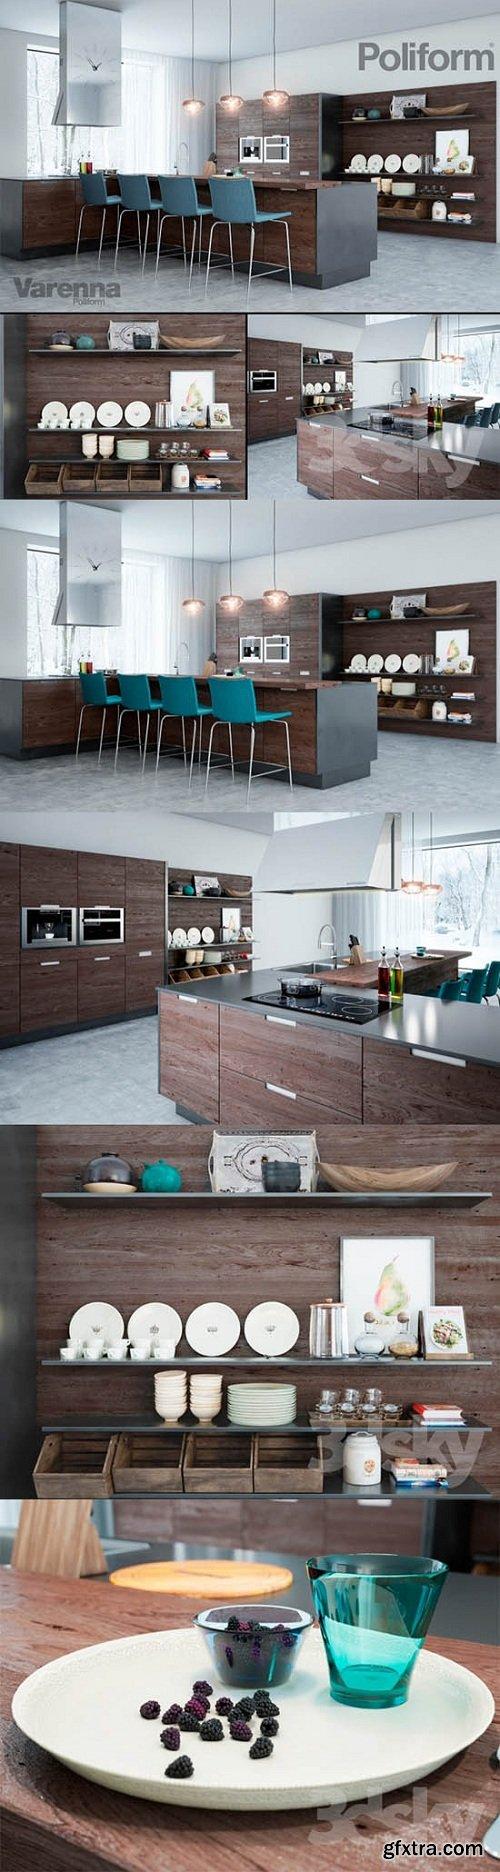 Poliform Varenna Kitchen 3d Model